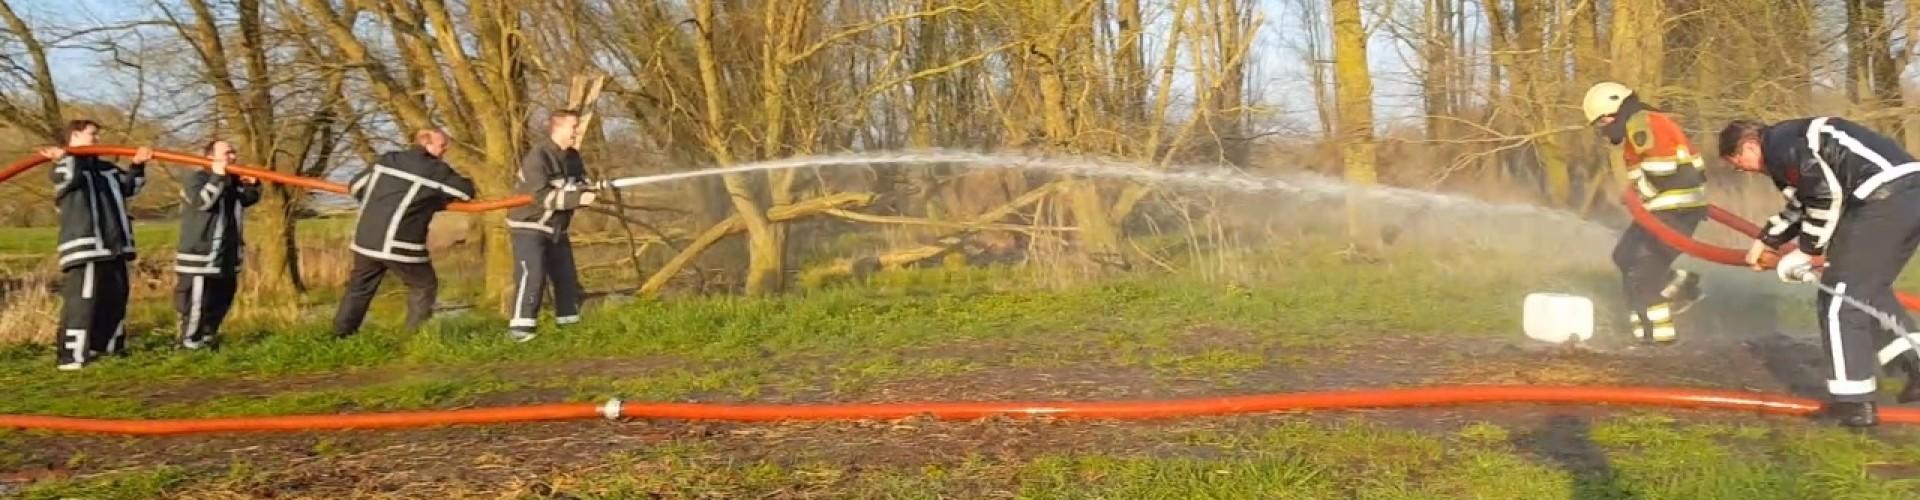 vrijgezellenfeest brandweer